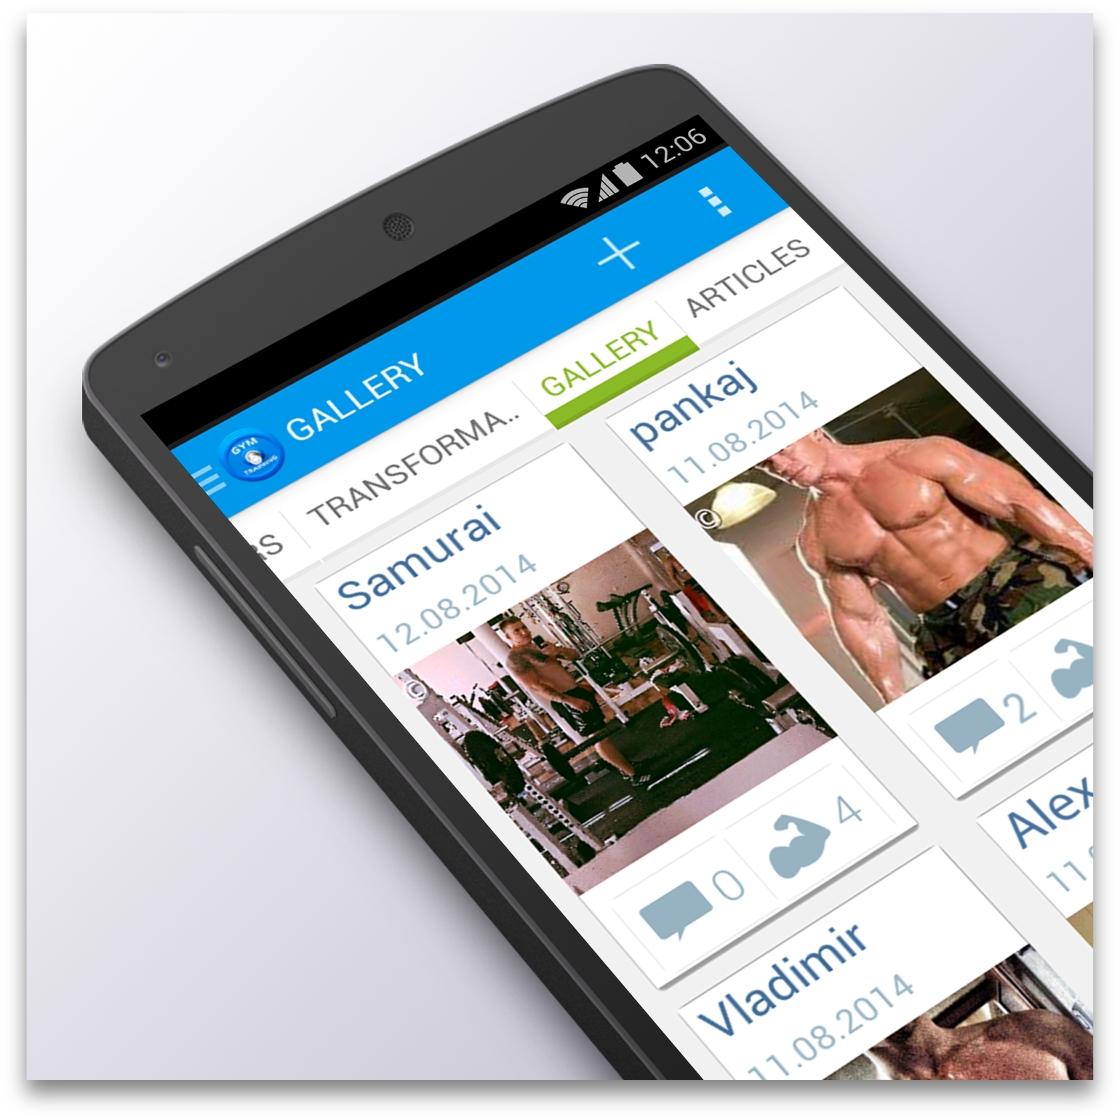 Социальная сеть GymTraining